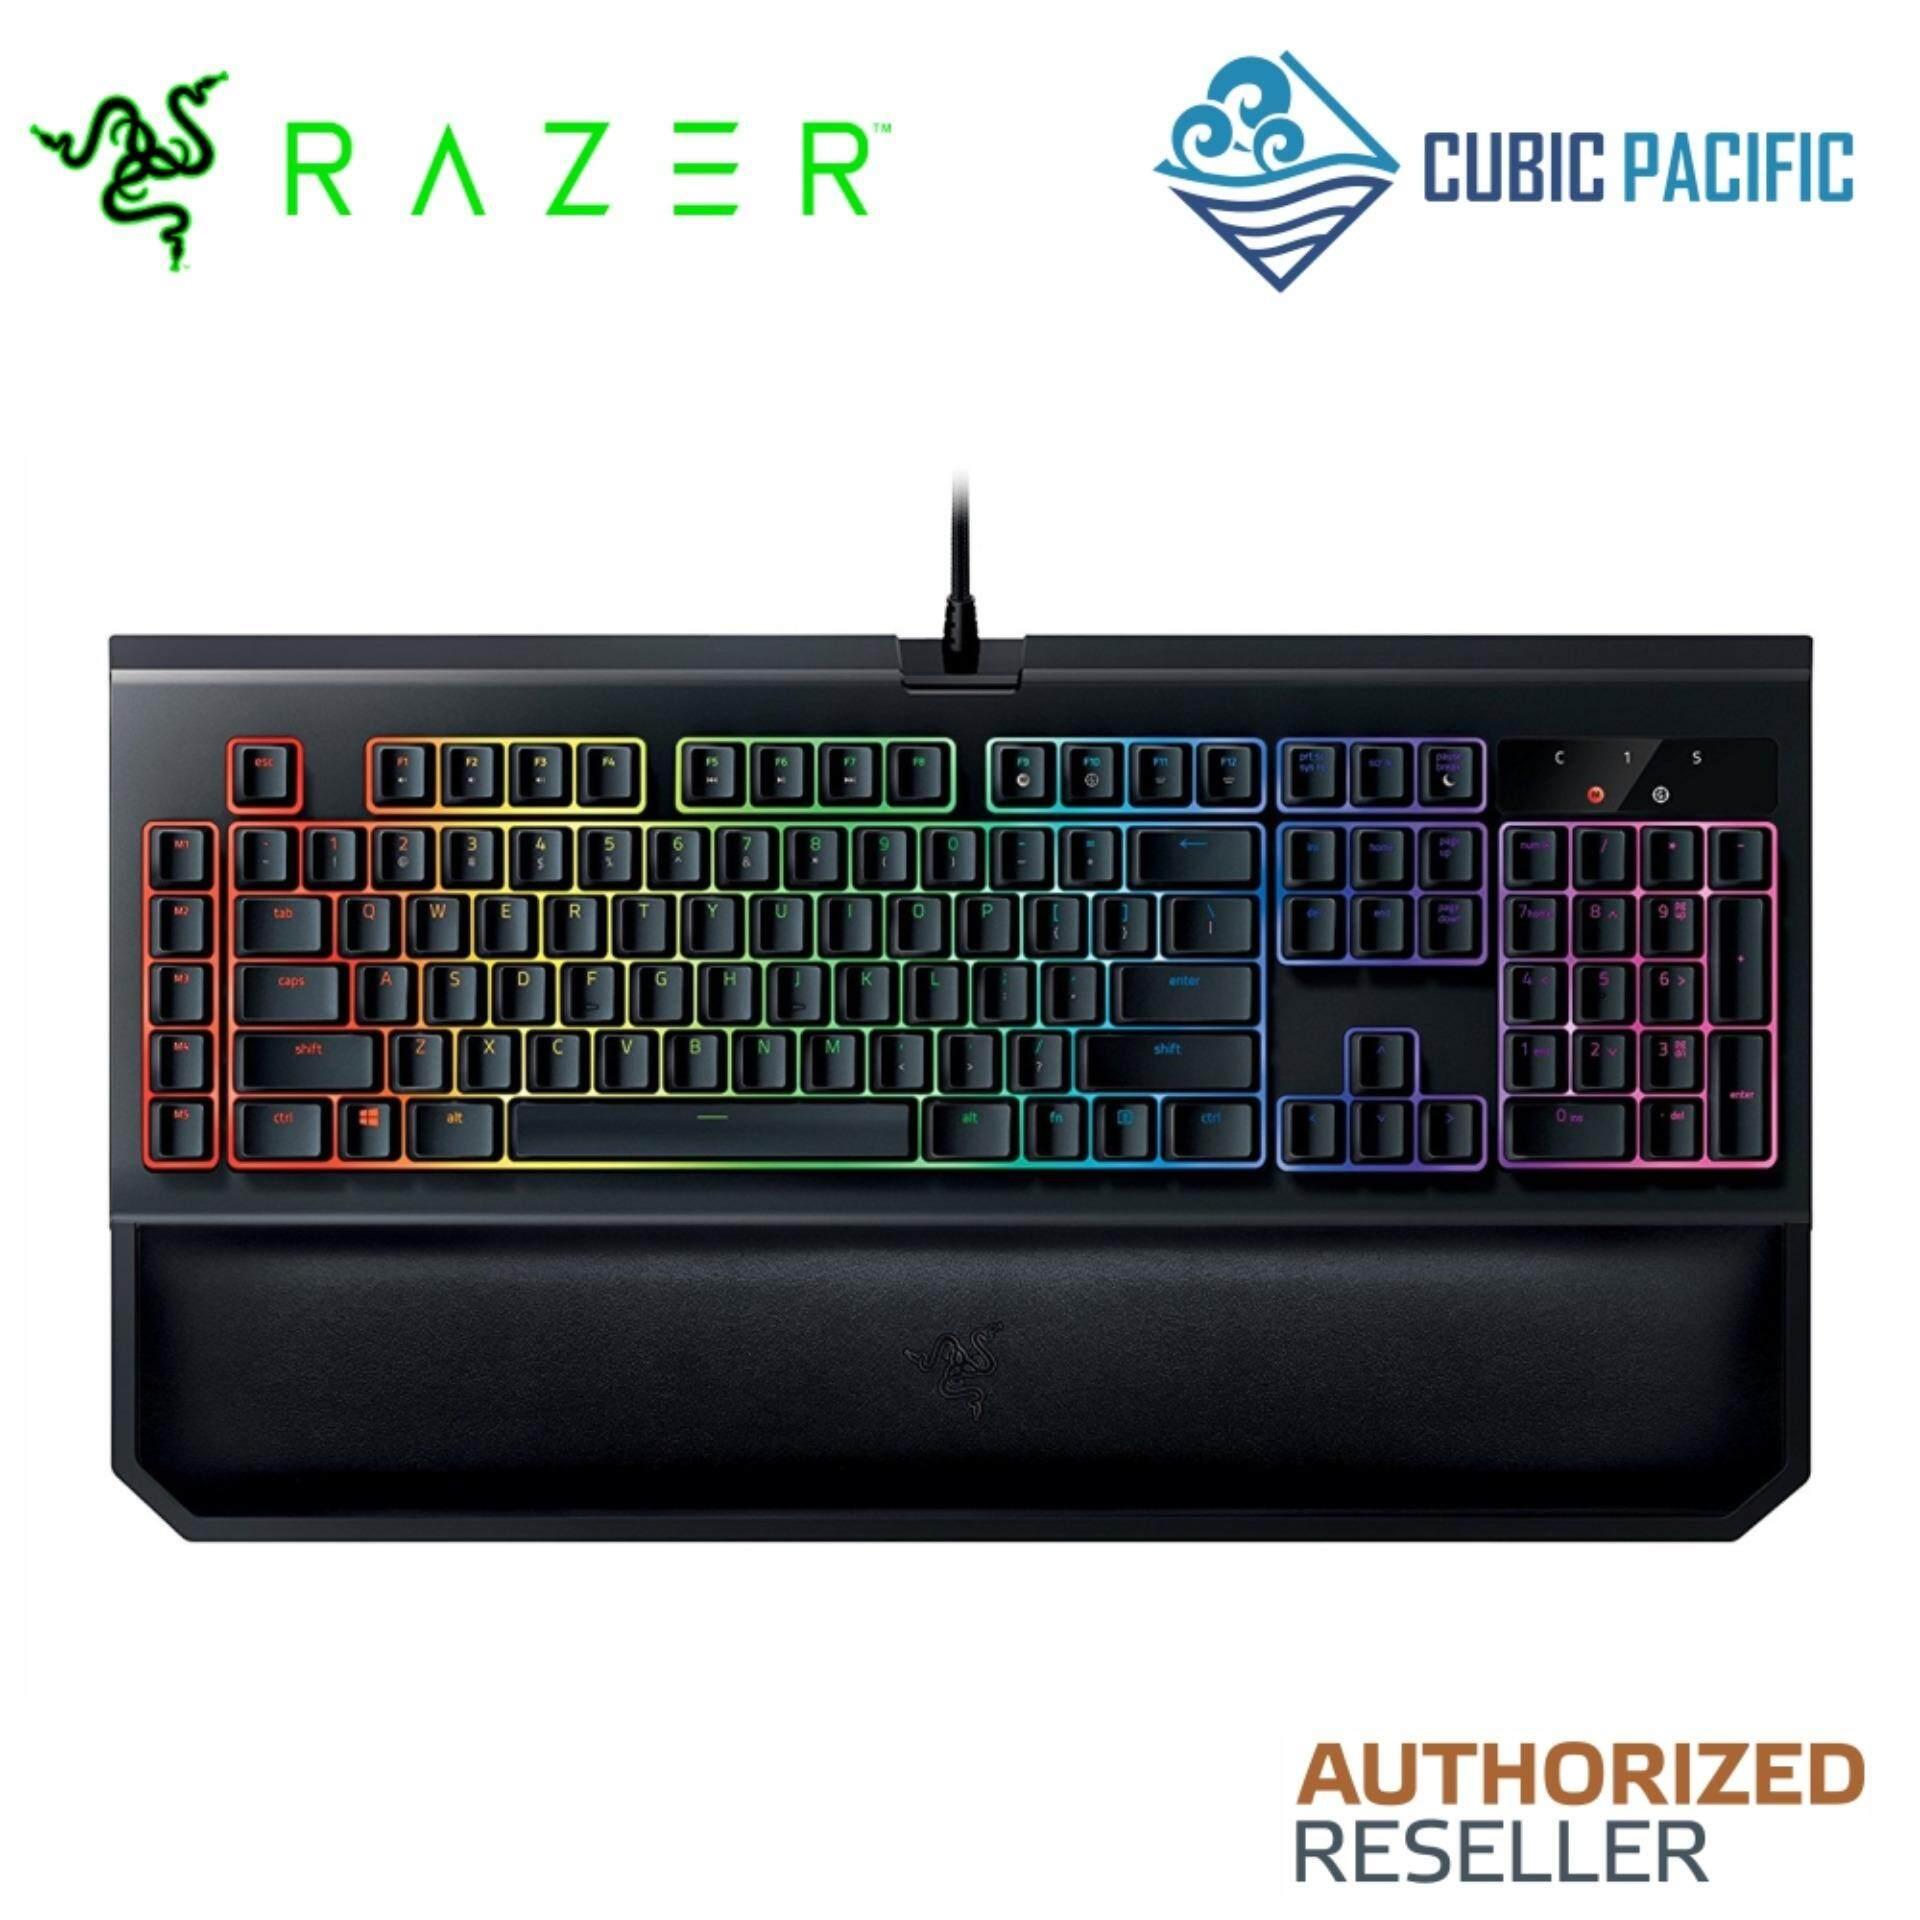 Razer Blackwidow Chroma V2 Mechanical Keyboard (Razer Orange Switch, Multi-Colour Backlit Keys) - RZ03-02031600-R3M1 Malaysia